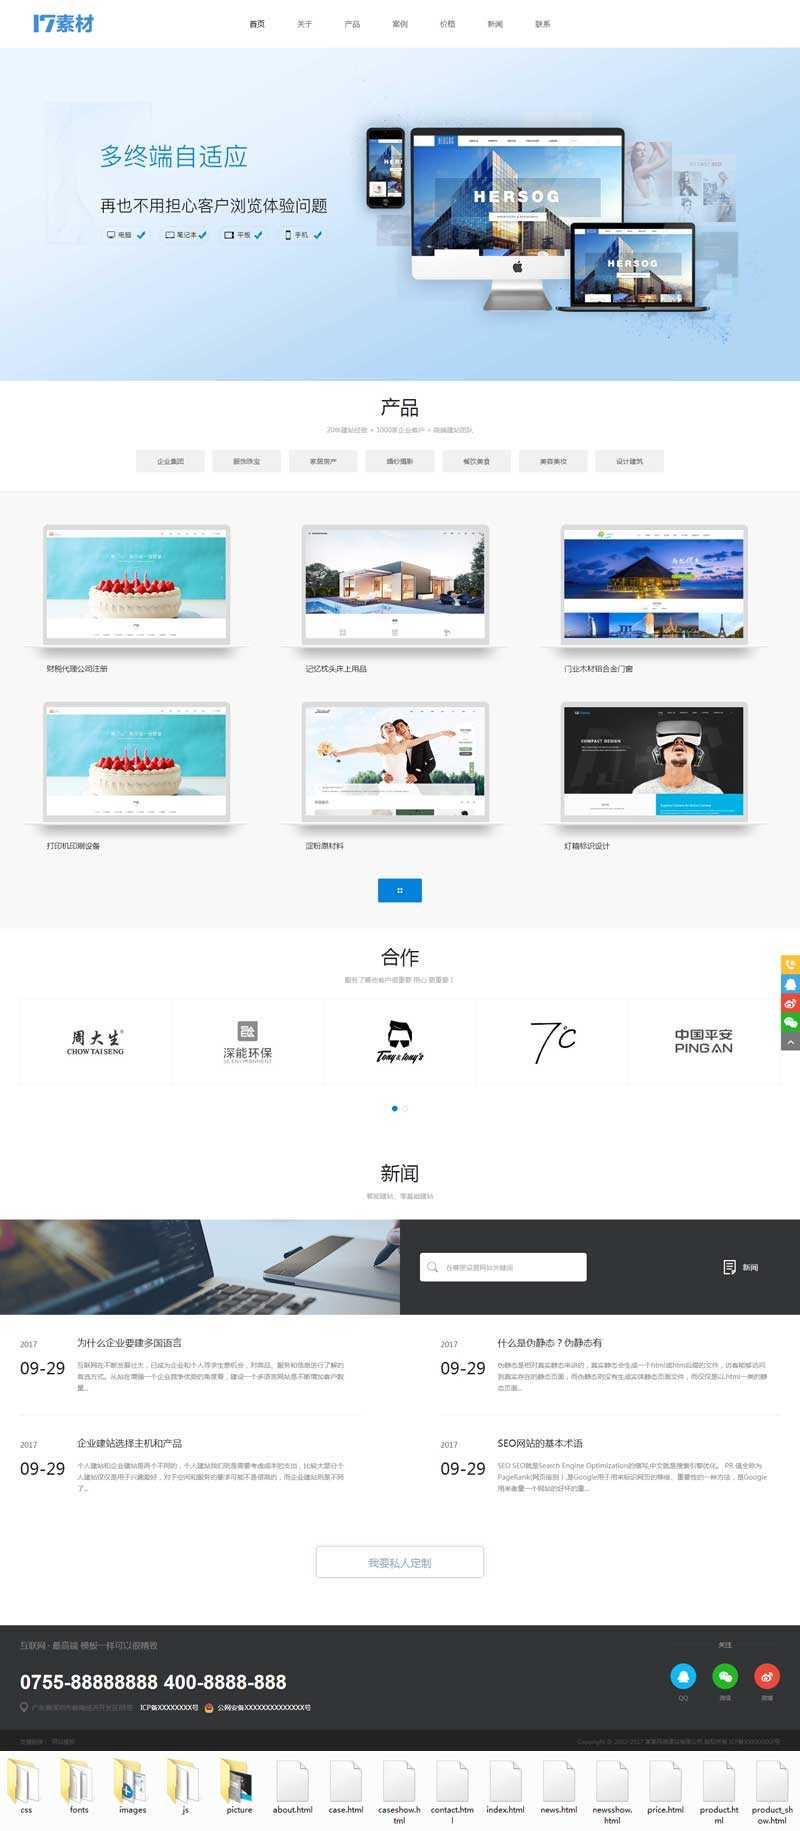 HTML5大气响应式建站网络科技公司网站模板